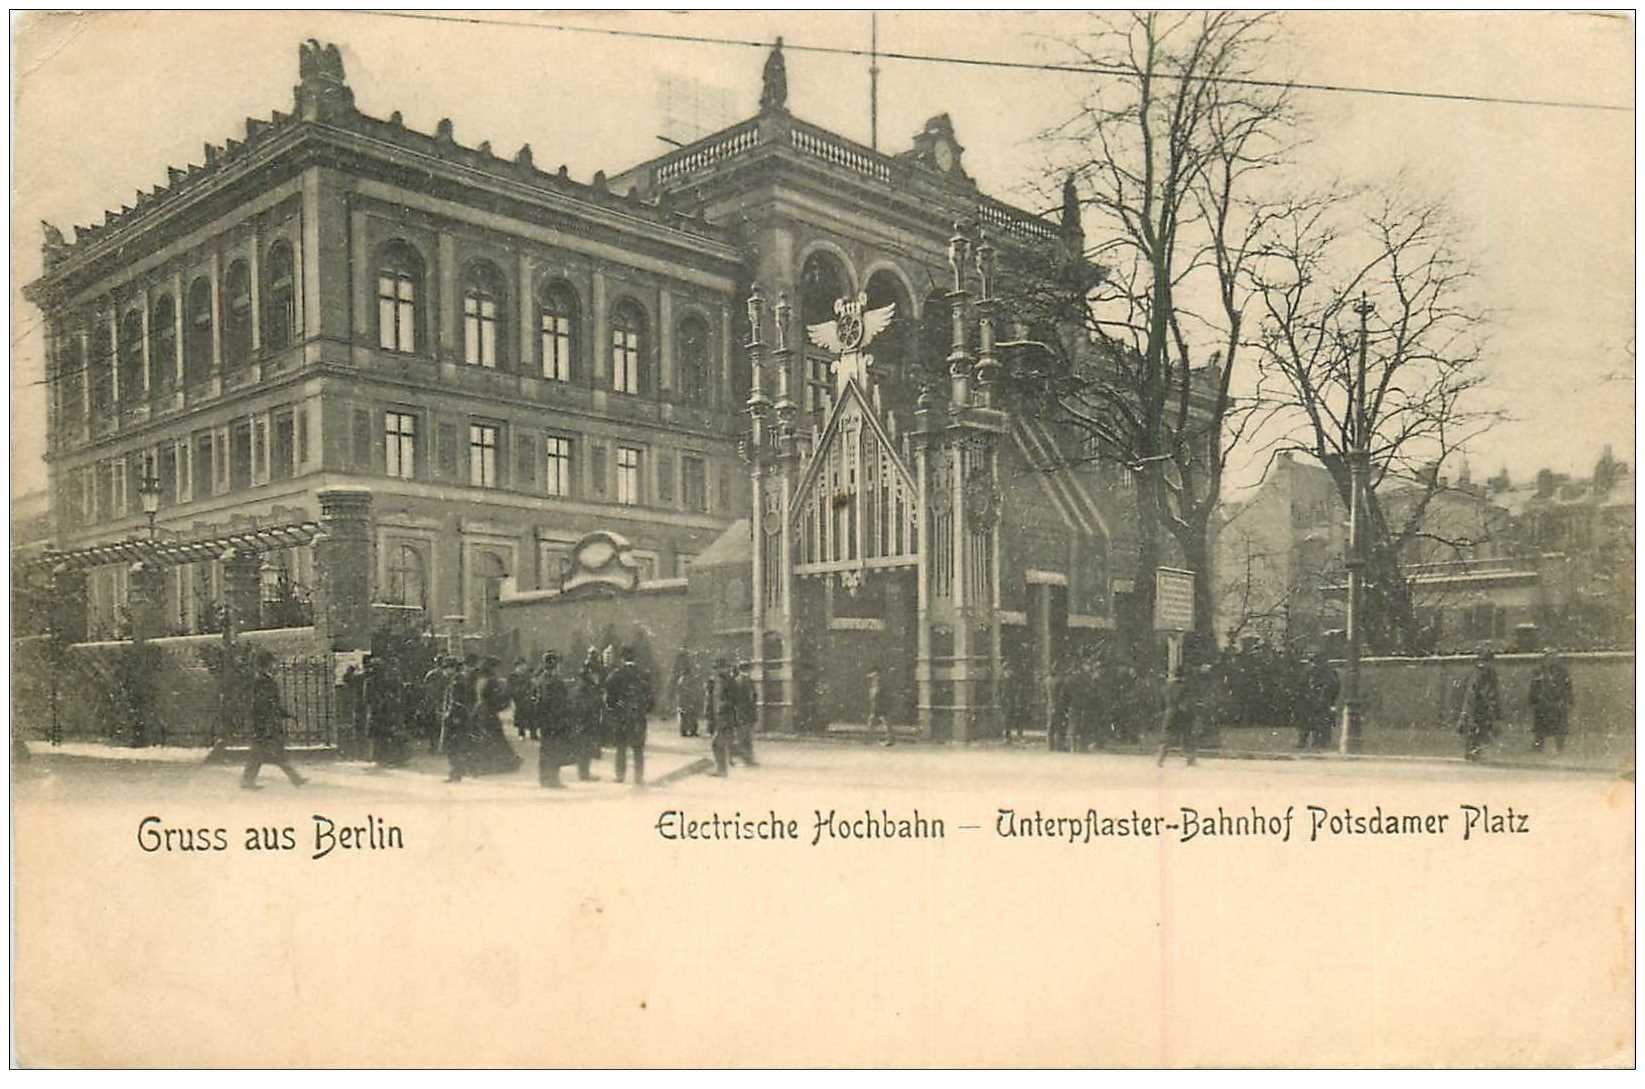 carte postale ancienne BERLIN. Russ aus Electrische Hochbahn Potsdamer Platz vers 1900